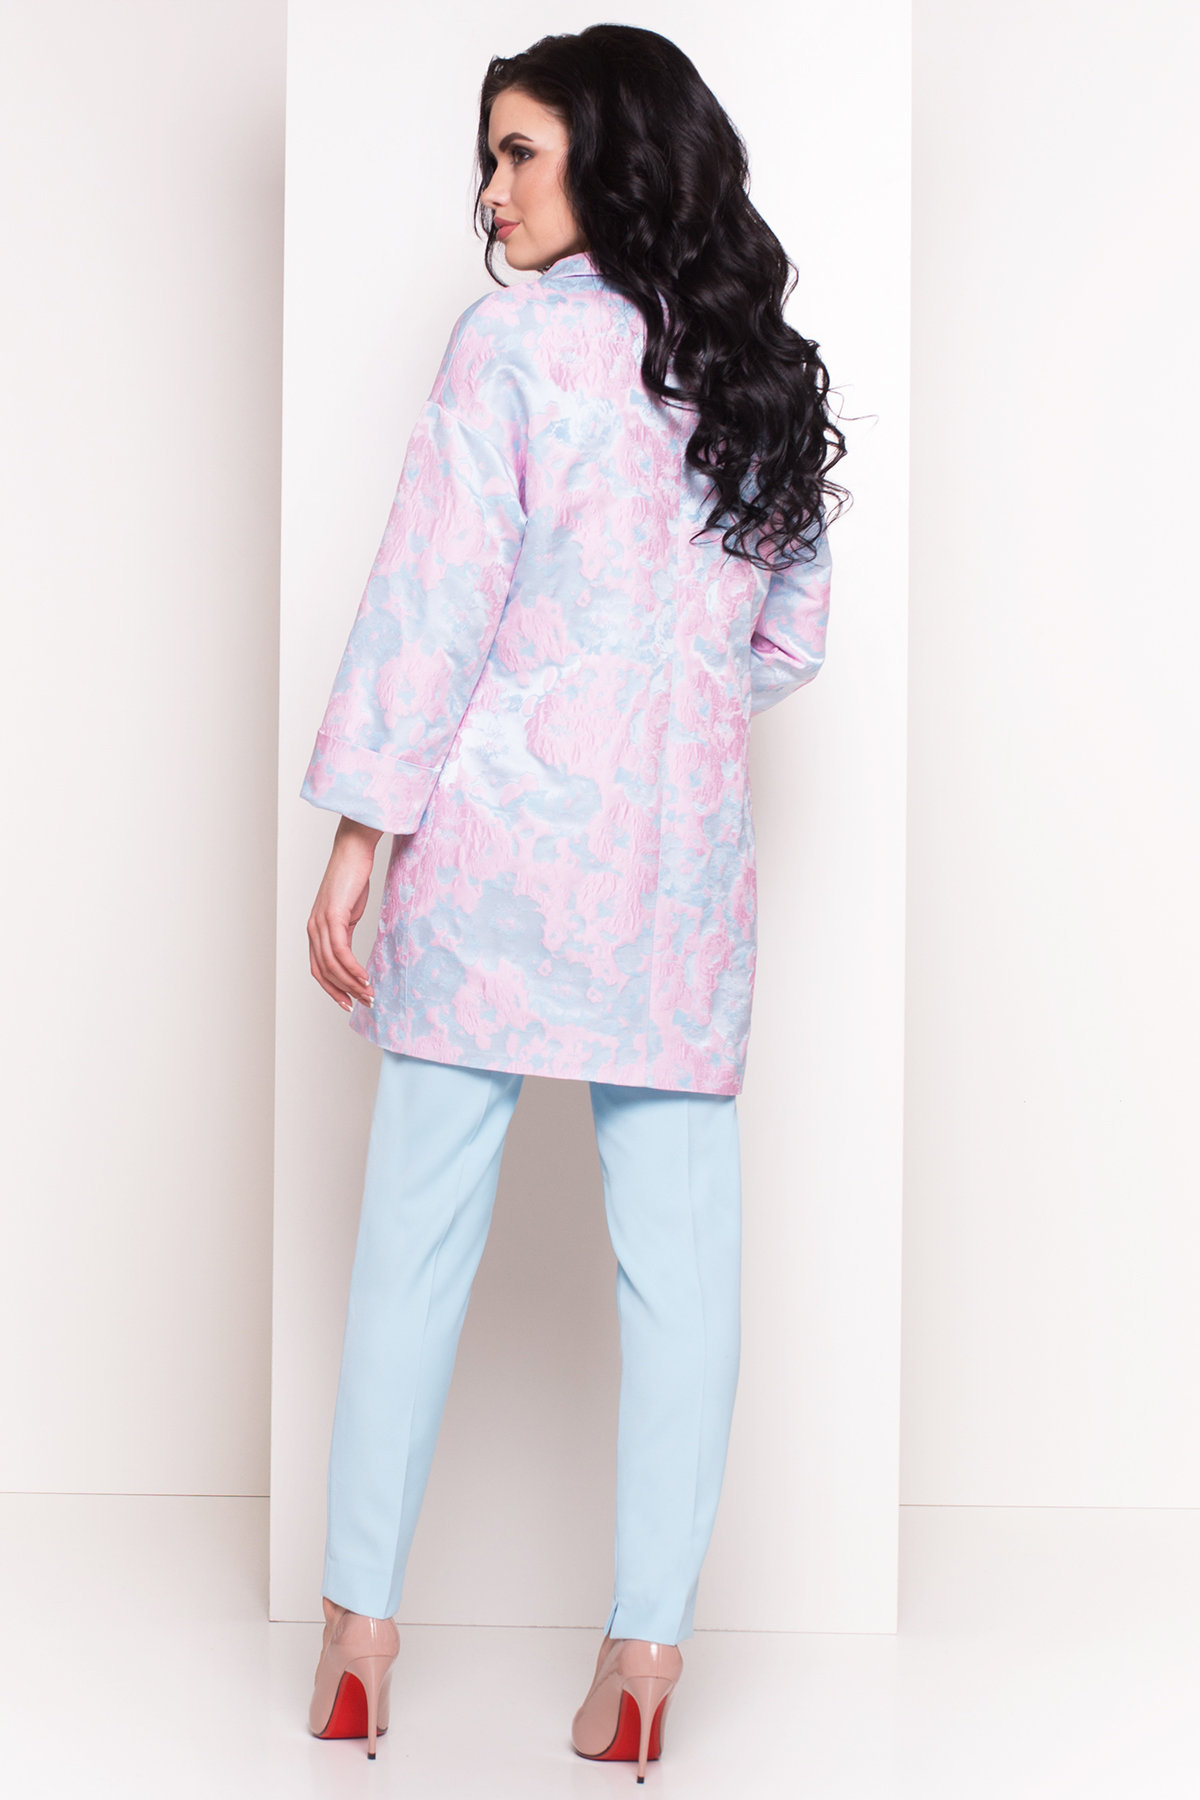 Плащ с отложным воротником Бали 2254 Цвет: Голубой/розовый